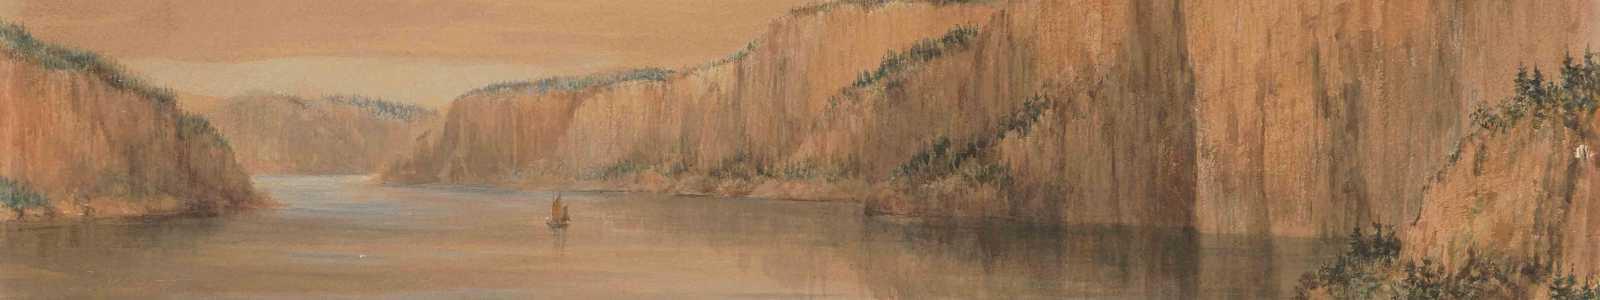 A161-3: Art & Antiques Auction